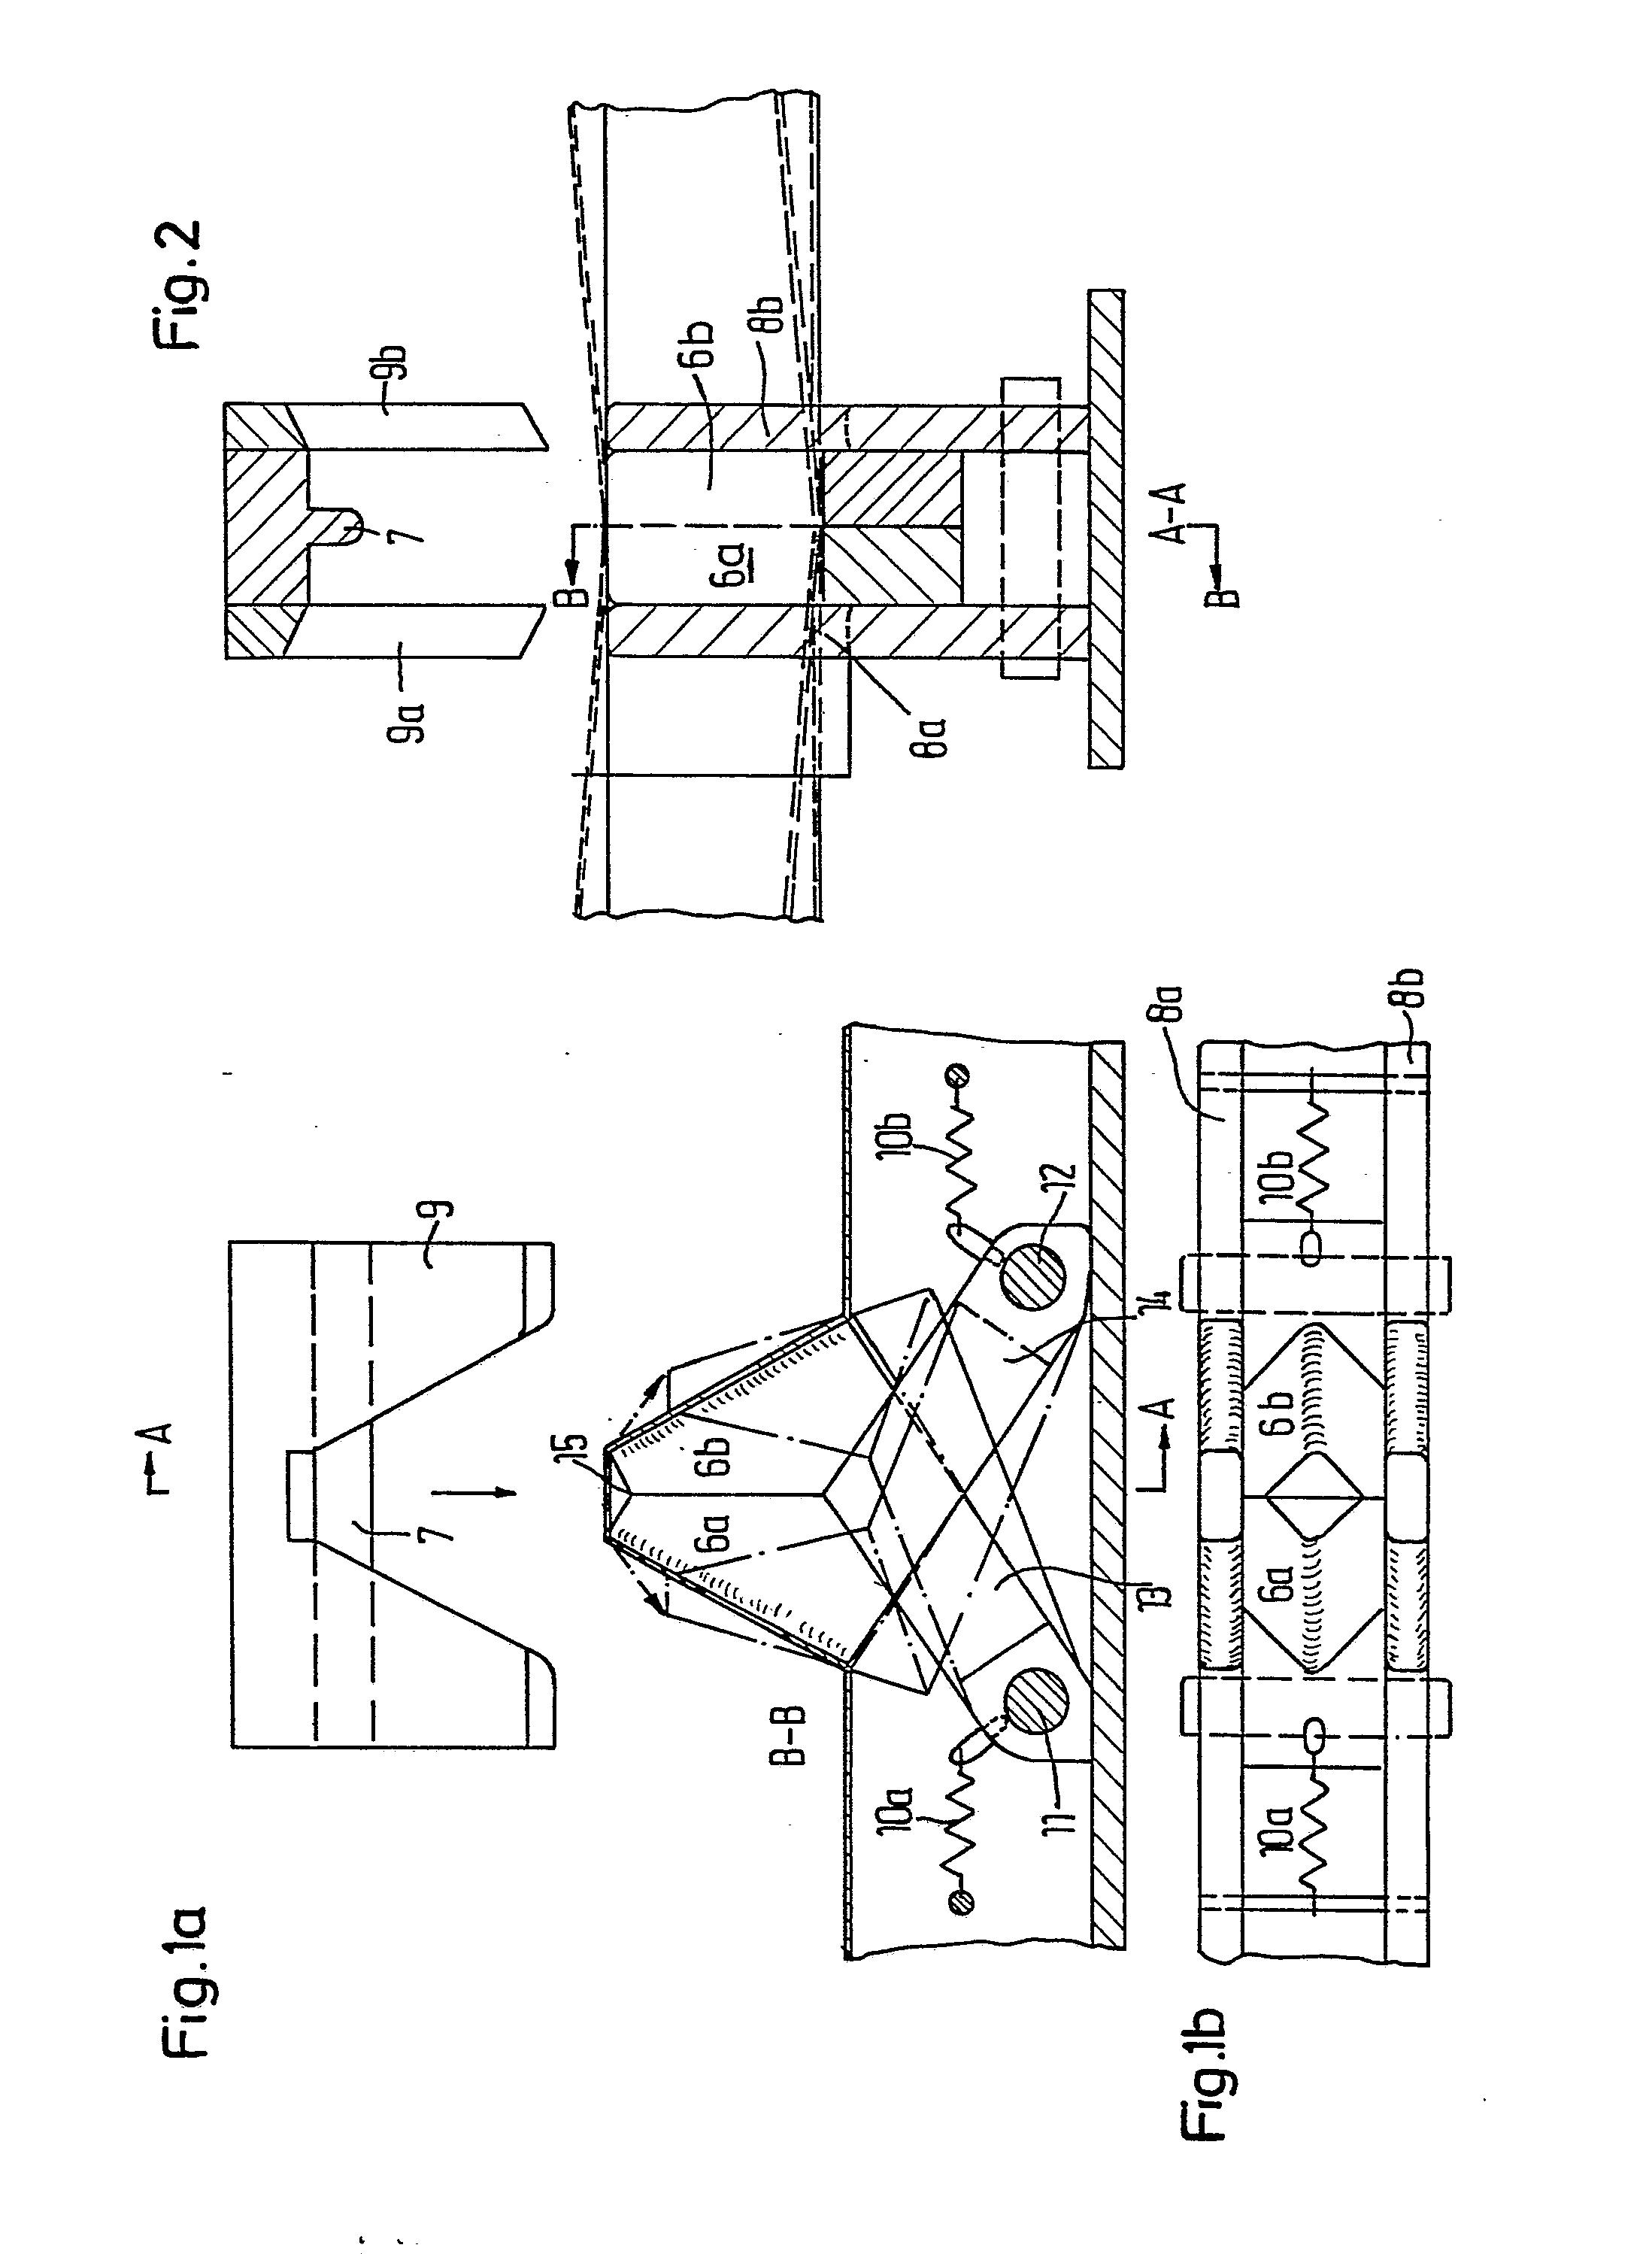 patent ep0049313a2 verfahren und vorrichtung zum biegen von gewellten oder profilierten. Black Bedroom Furniture Sets. Home Design Ideas